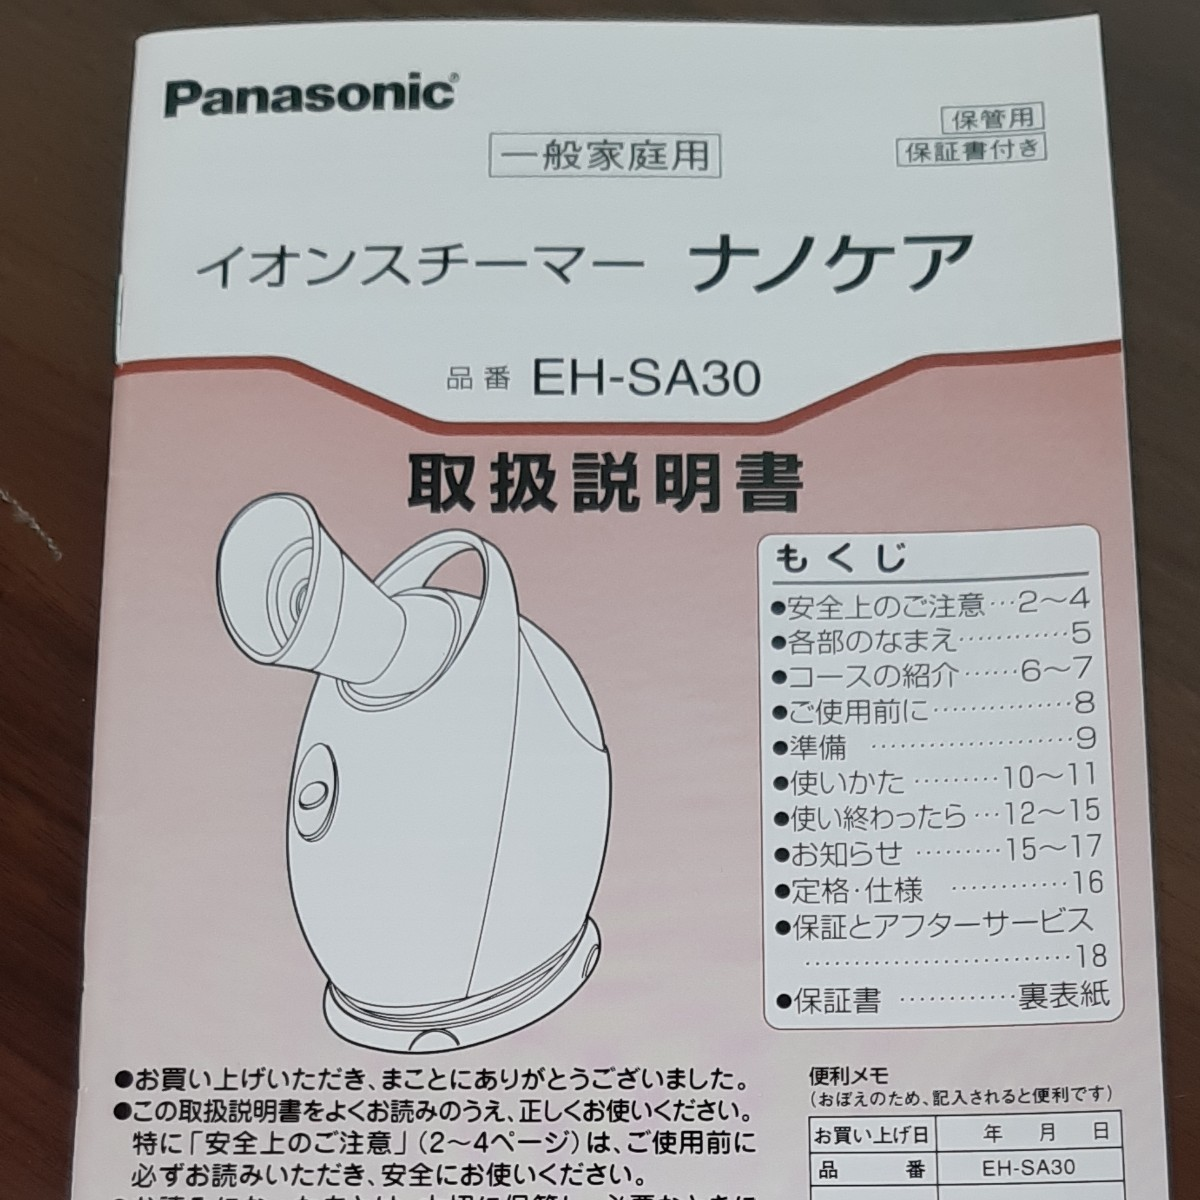 パナソニック Panasonic EH-SA30-N